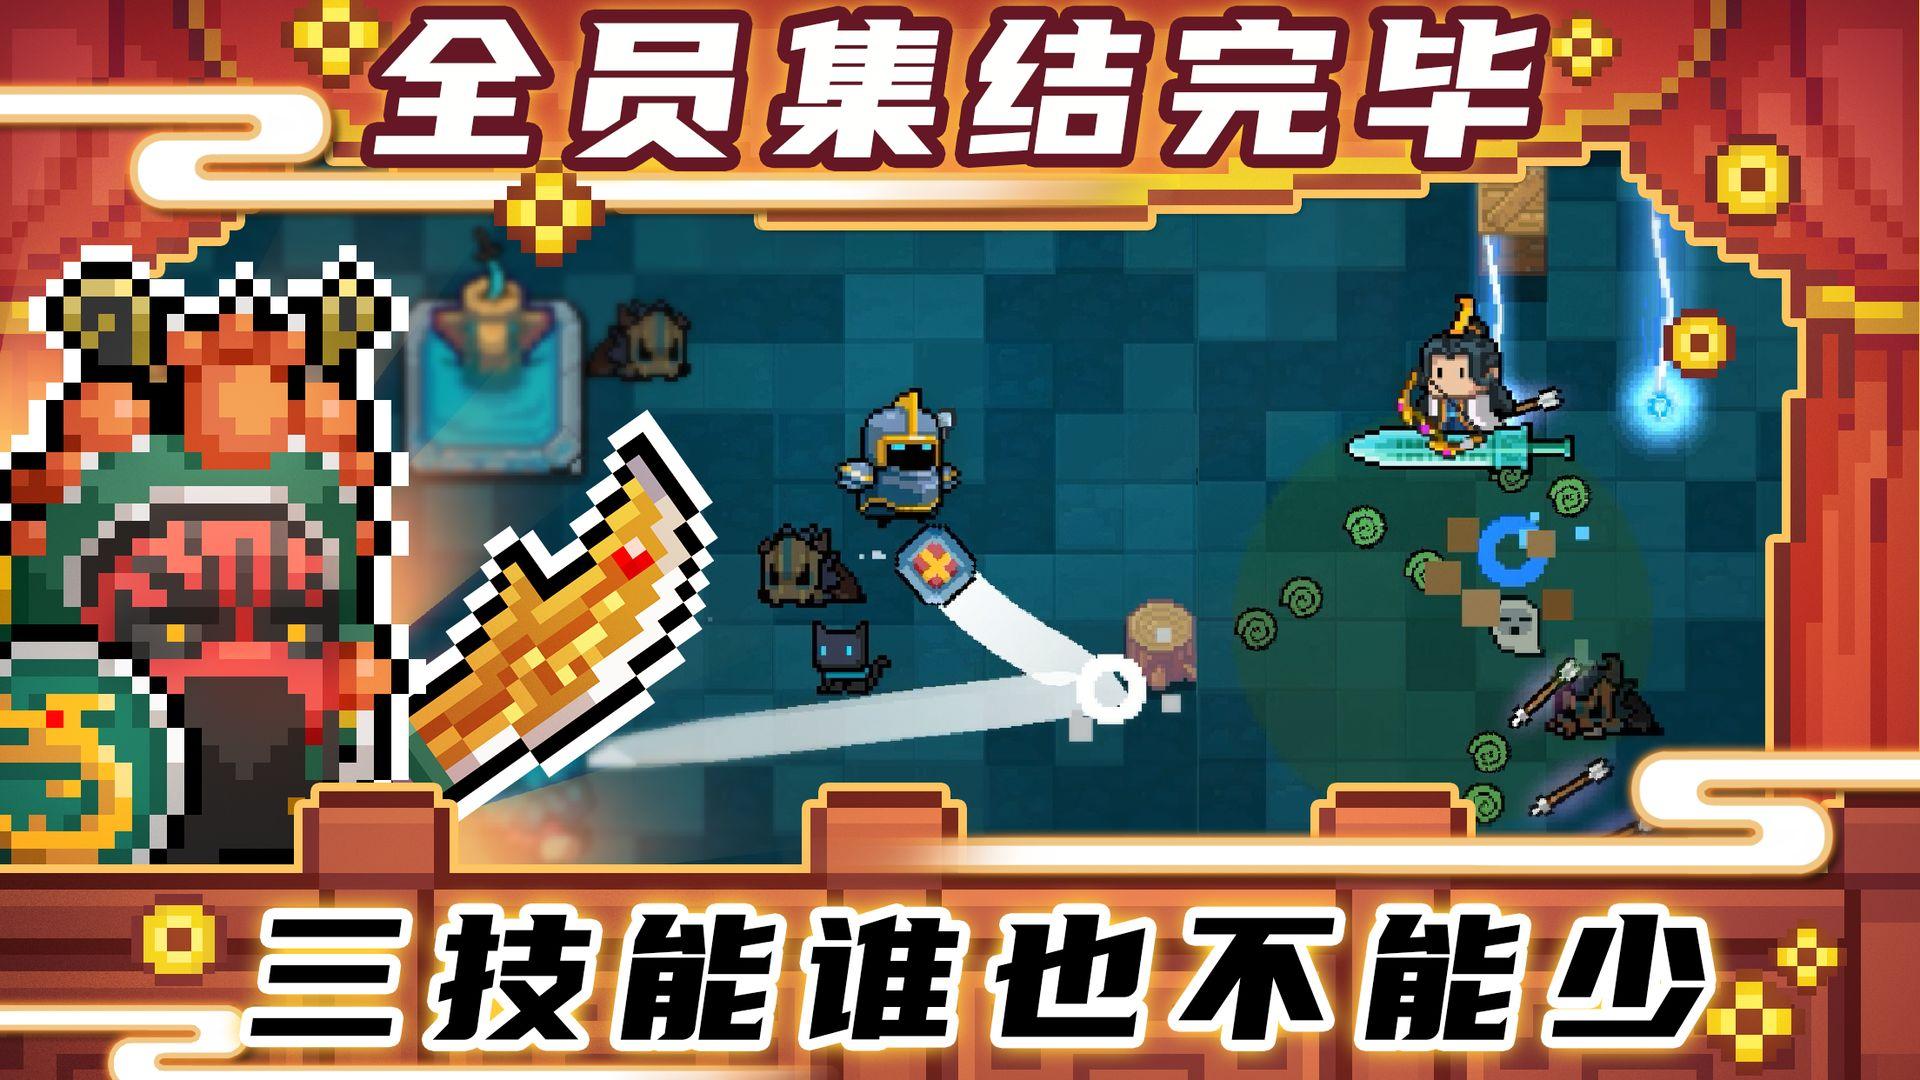 元气骑士游戏最新版下载